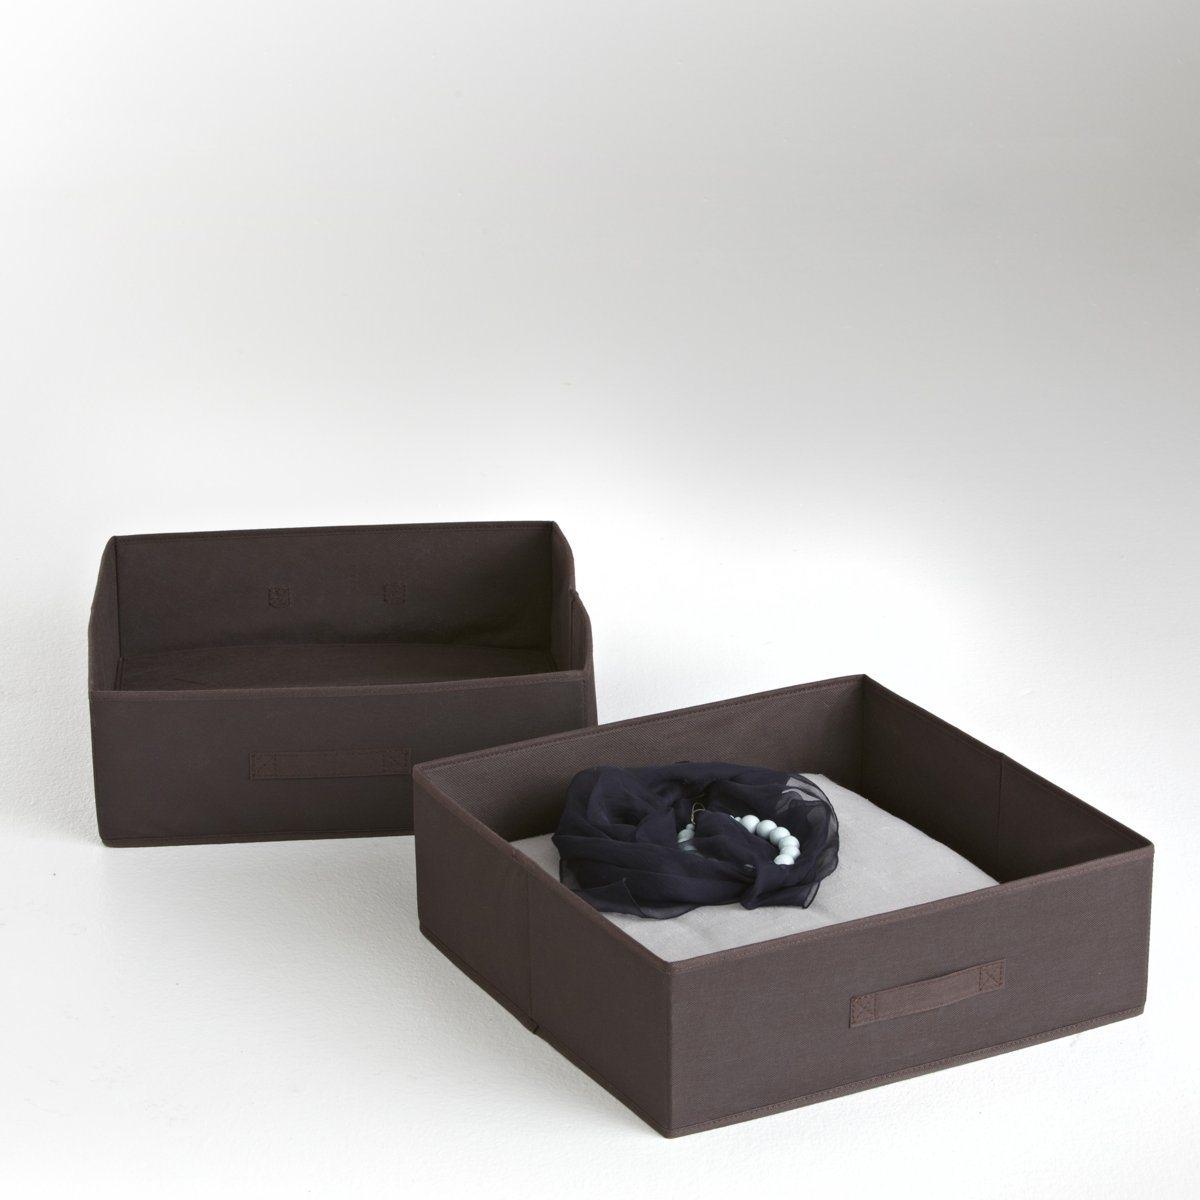 2 ящика складныхКрасивое и оригинальное решением для хранения вещей. Складной ящик из нетканого материала. Картонная основа. Размер: 45 х 15 х 45 см.<br><br>Цвет: фиолетовый/ сливовый,шоколадно-каштановый